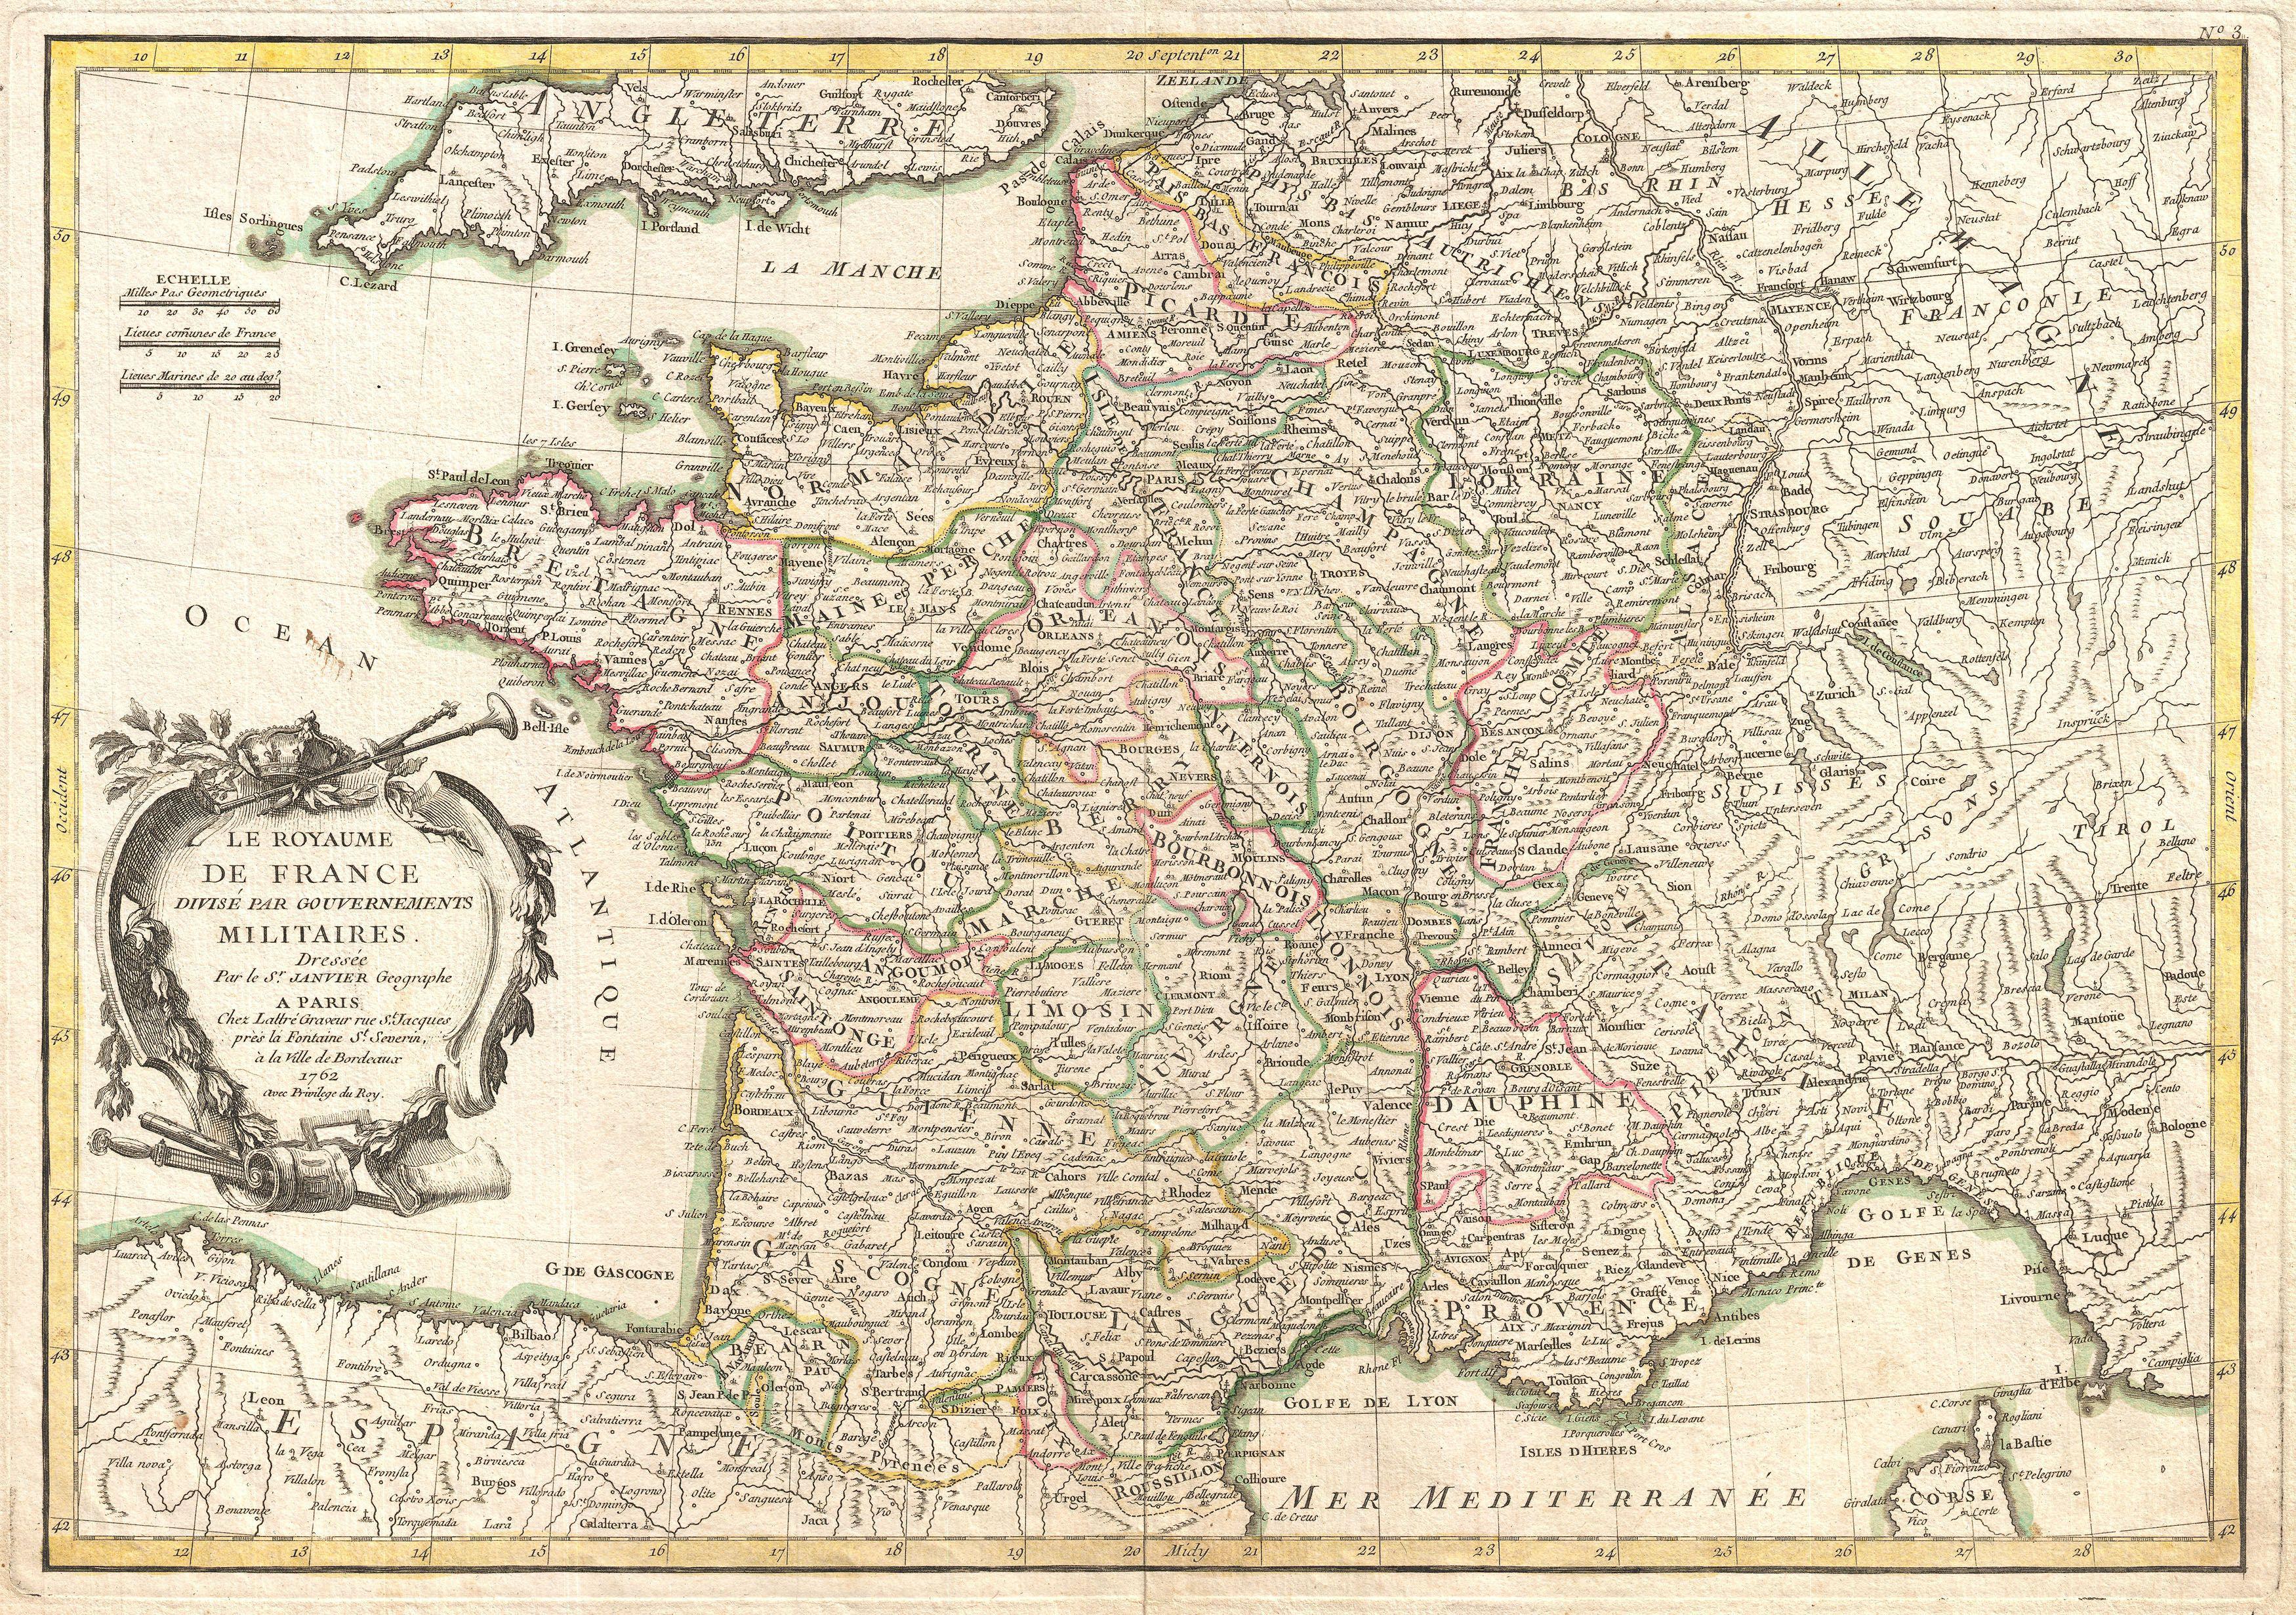 1762 in France